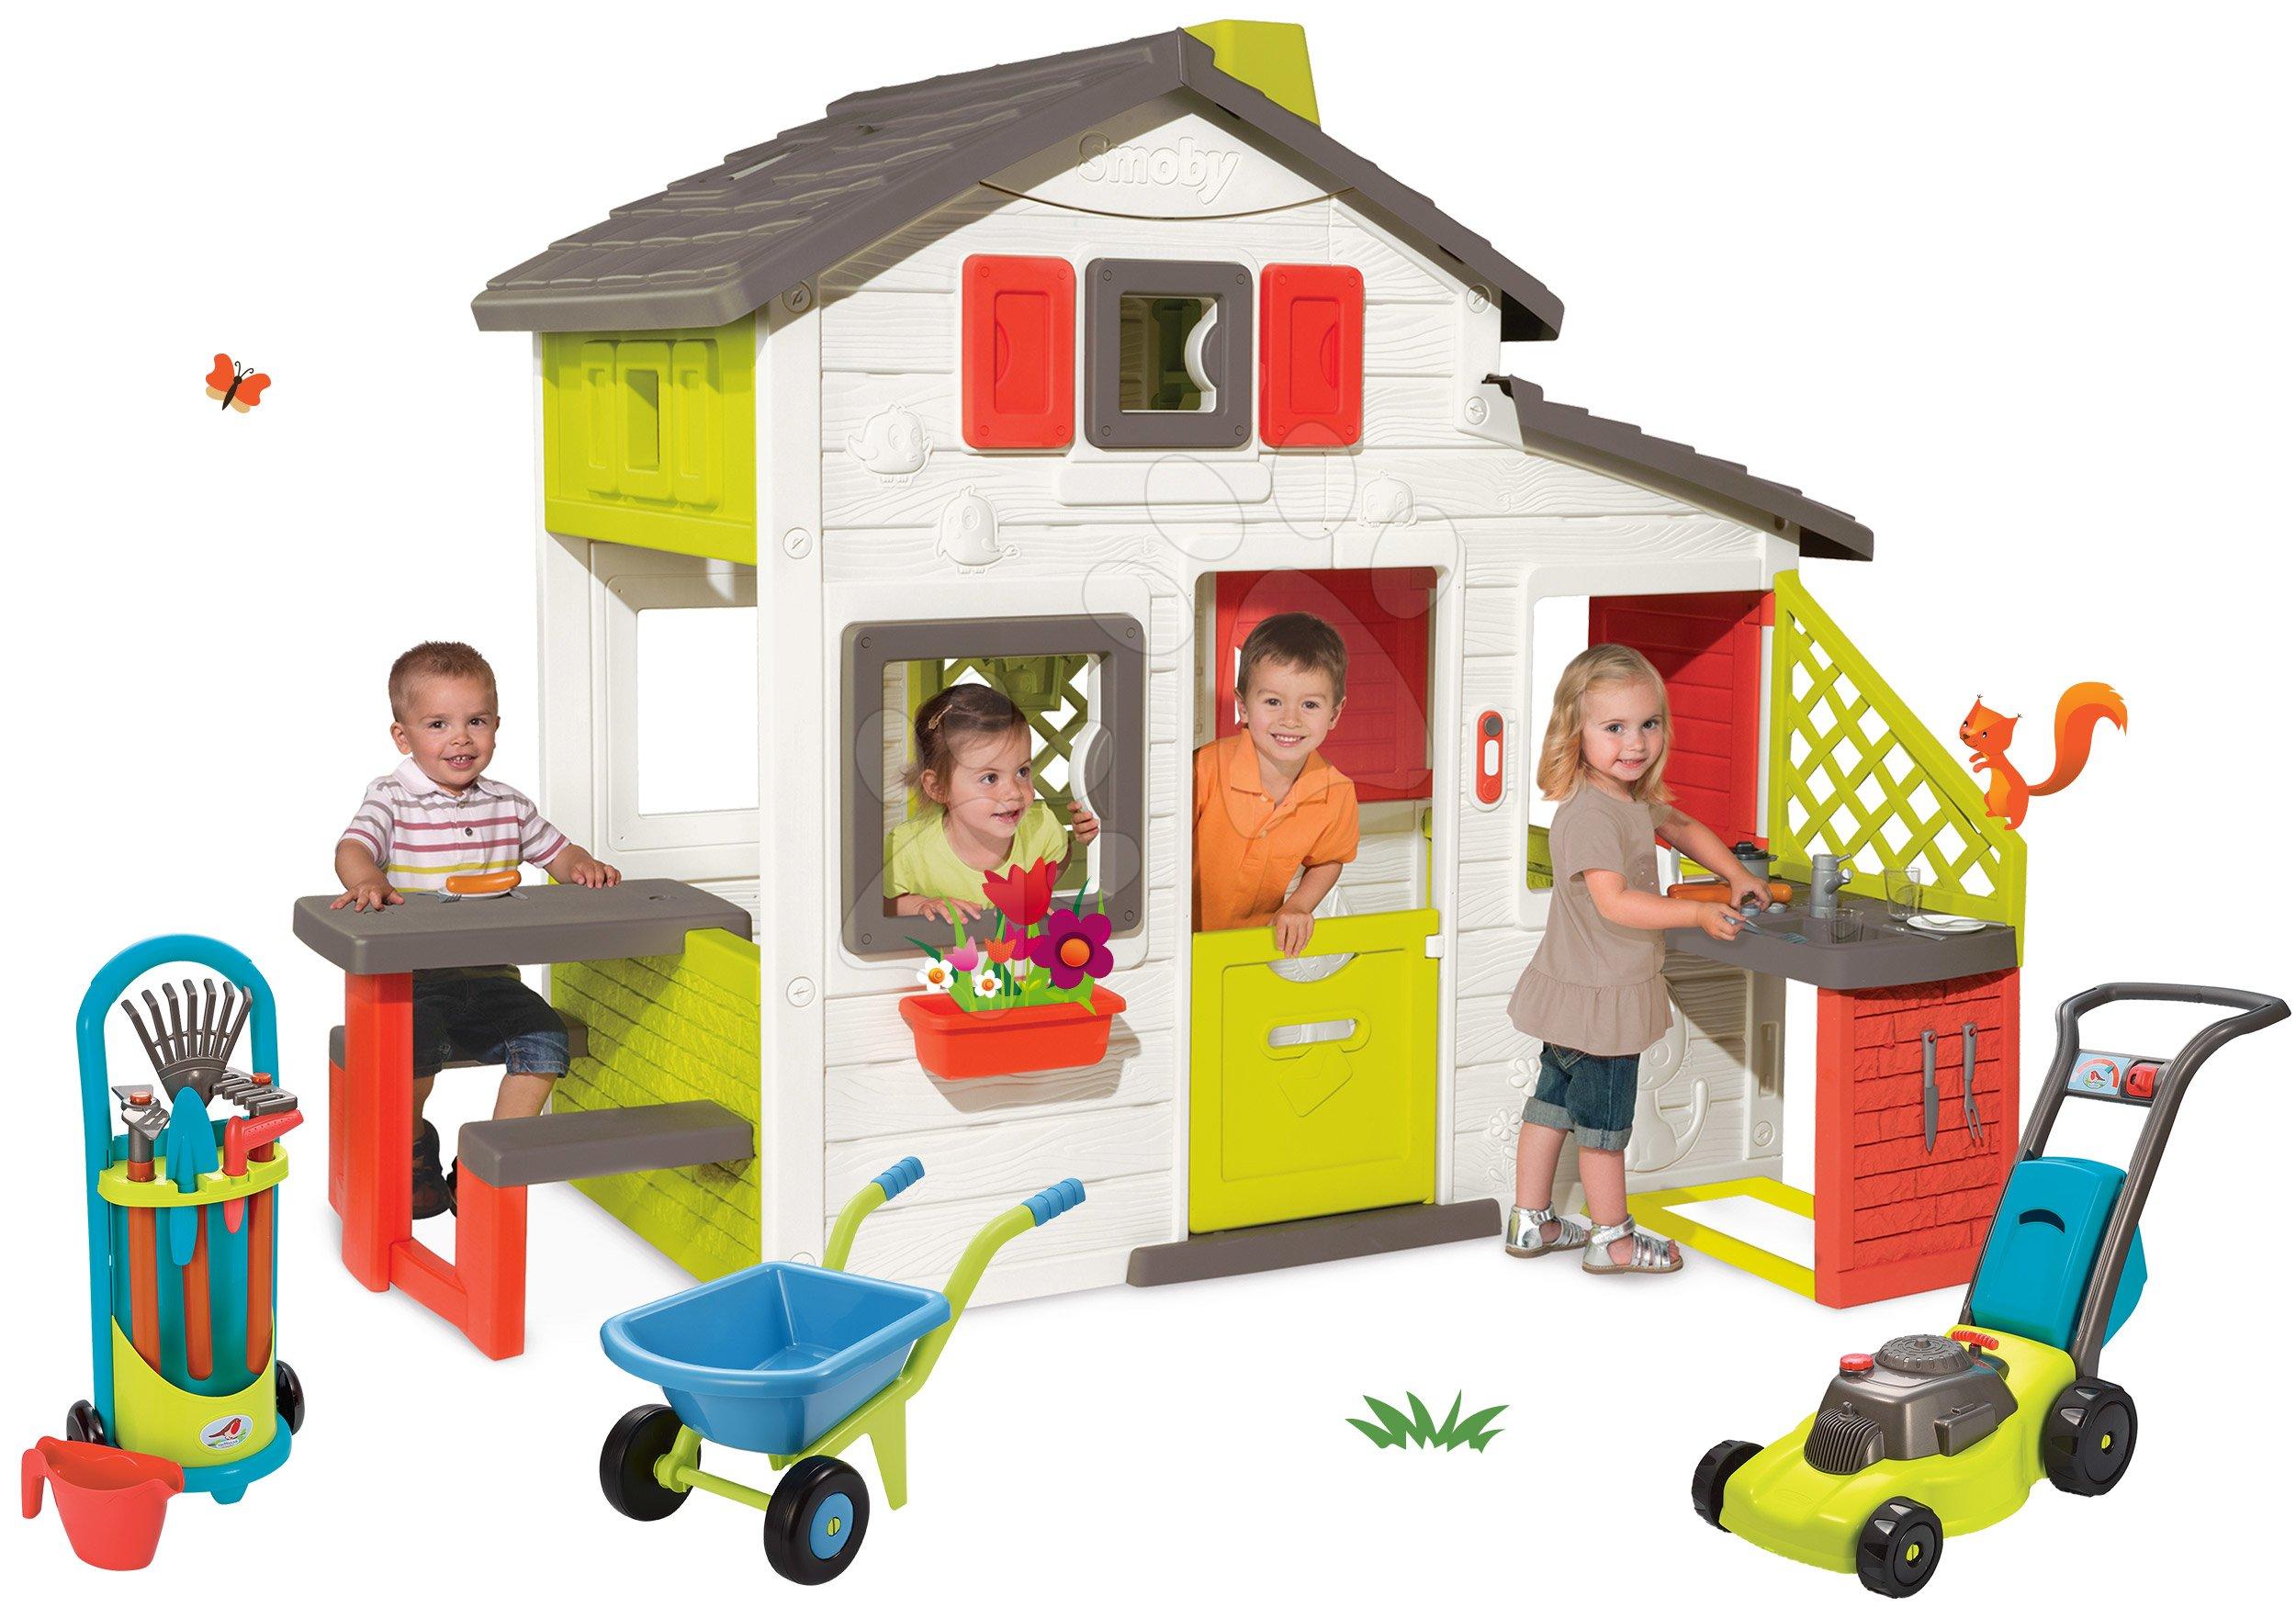 Set domeček Přátel Smoby s kuchyňkou a zvonkem a kolečko se zahradním nářadím a sekačkou